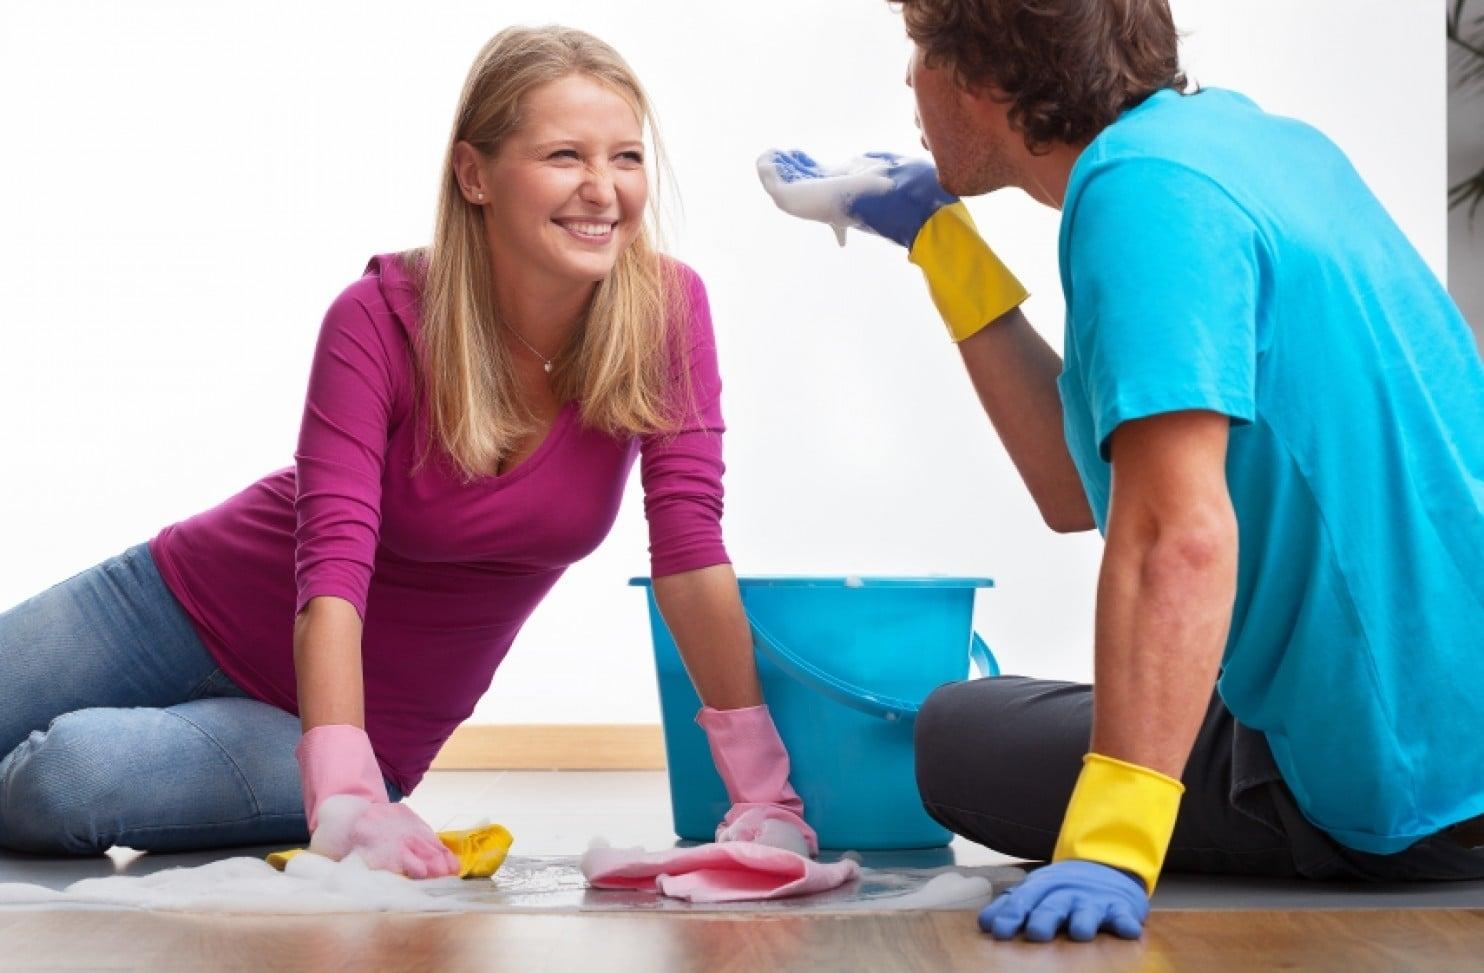 Как заставить своего мужа помогать вам по дому